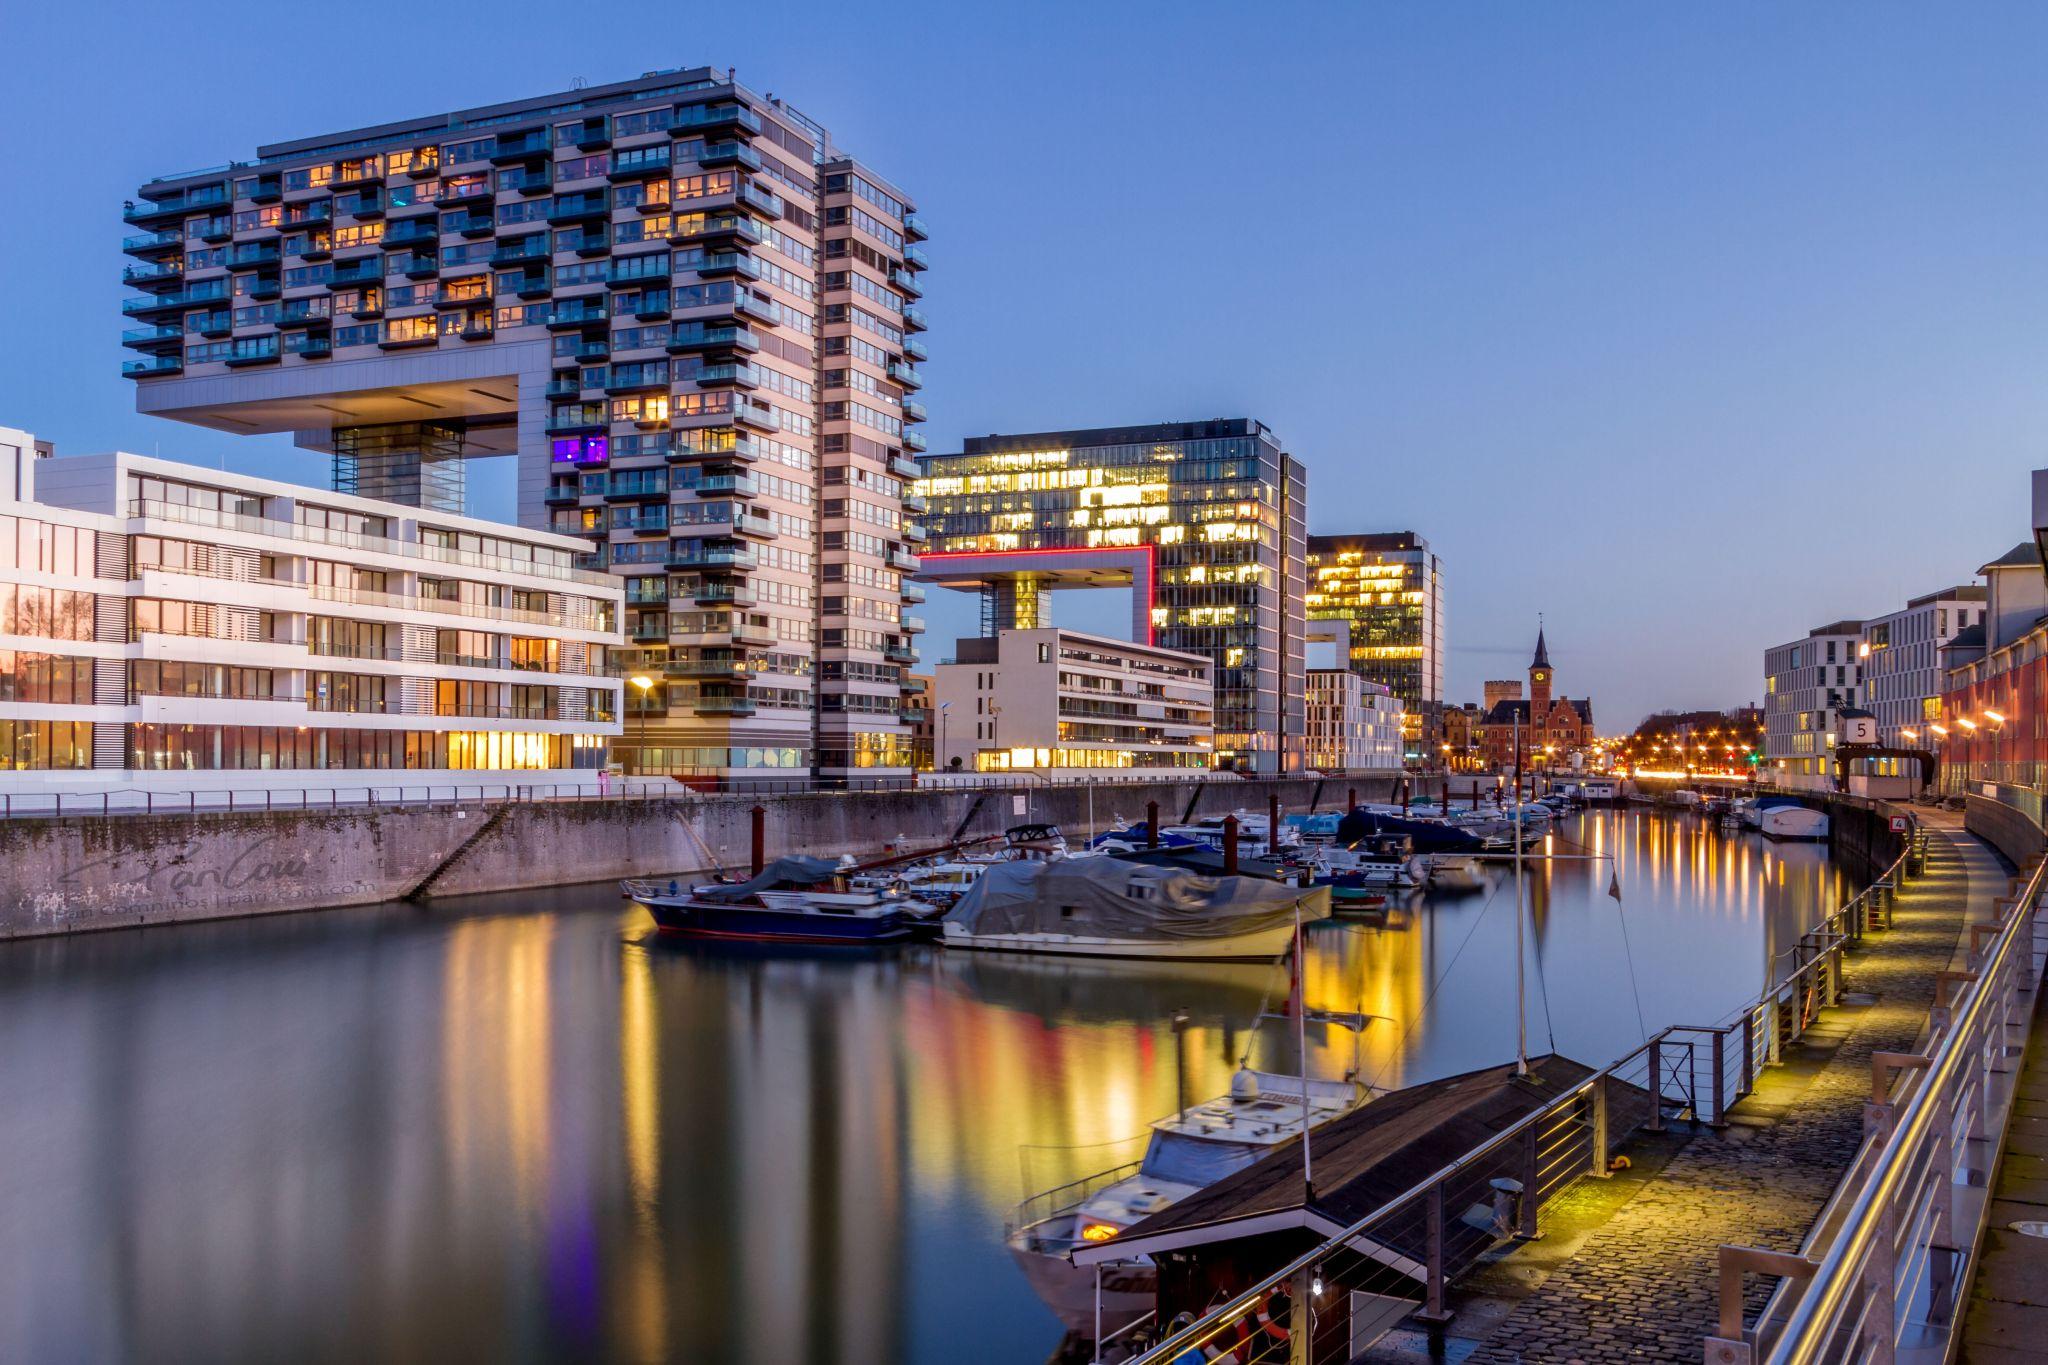 Cologne Marina, Germany